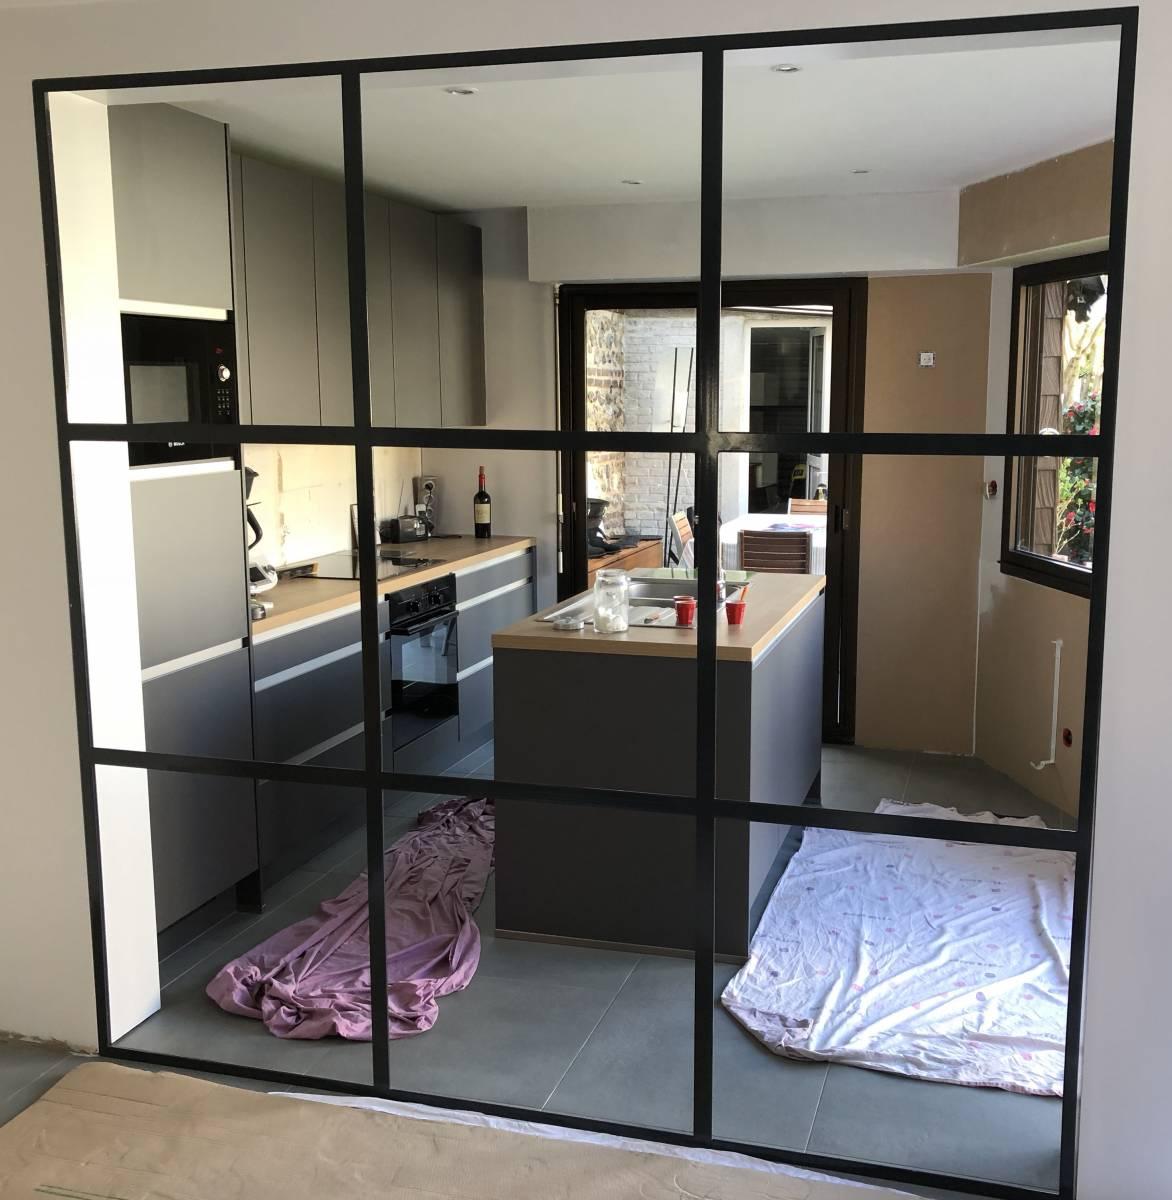 fabrication et pose d 39 une verri re sur mesure dans une cuisine proche saint adresse 76. Black Bedroom Furniture Sets. Home Design Ideas